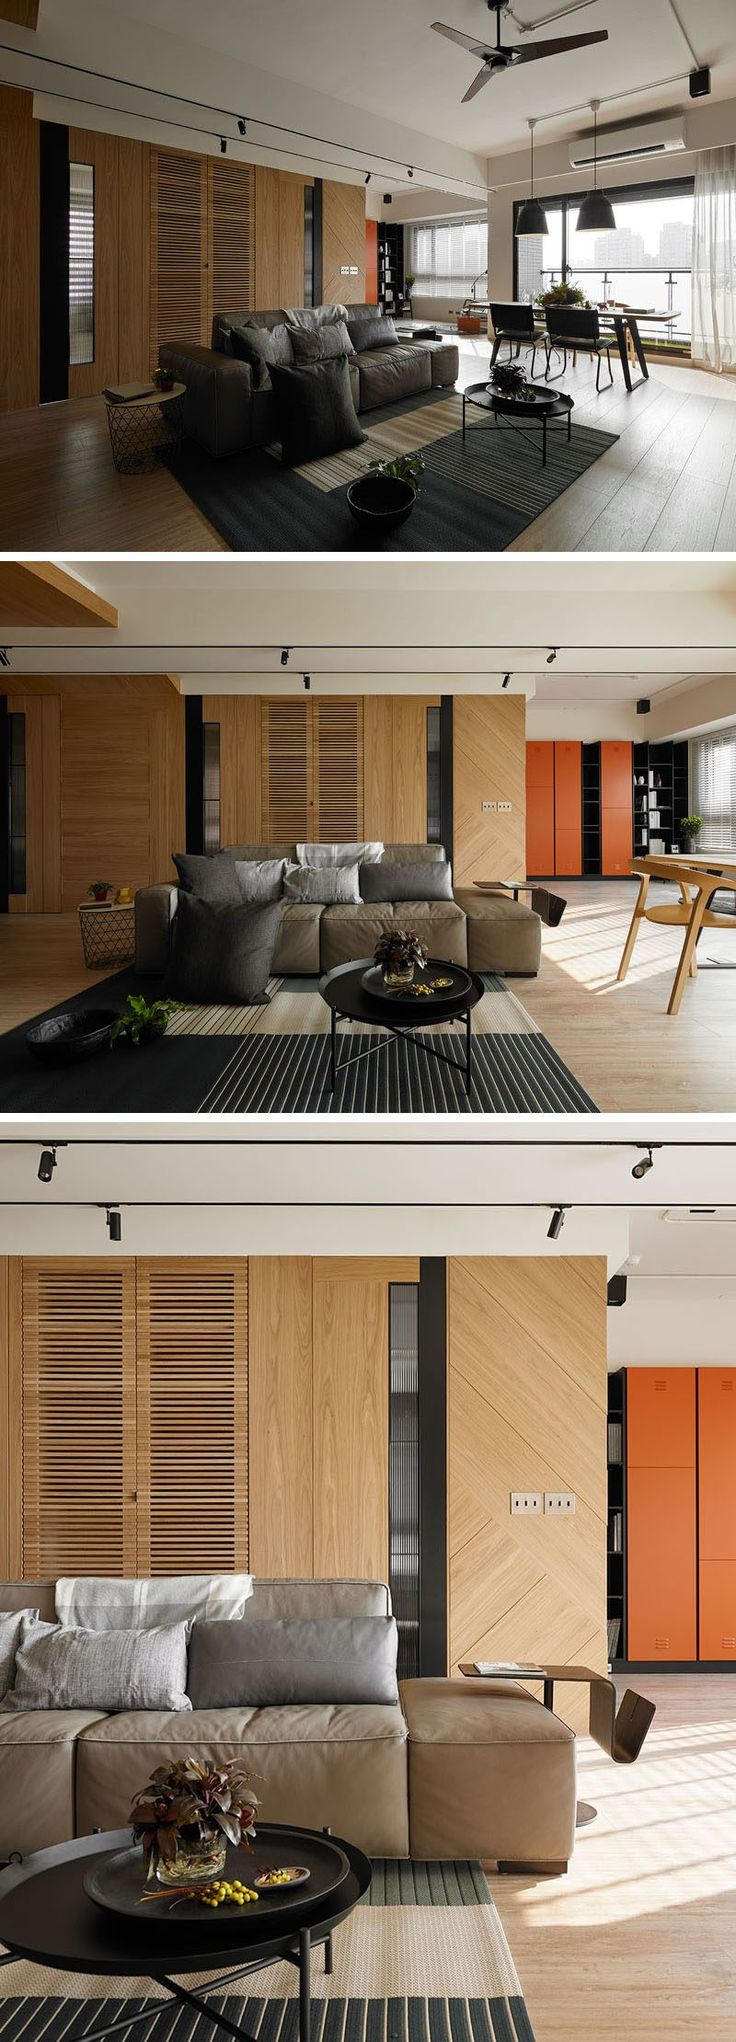 In Dieser Wohnung Gibt Es Ein Offener Grundriss Und Hinter Den Wohnbereich  In Der Hölzernen Wand. WohnbereichFamilienKleiderschrankBadezimmerWand